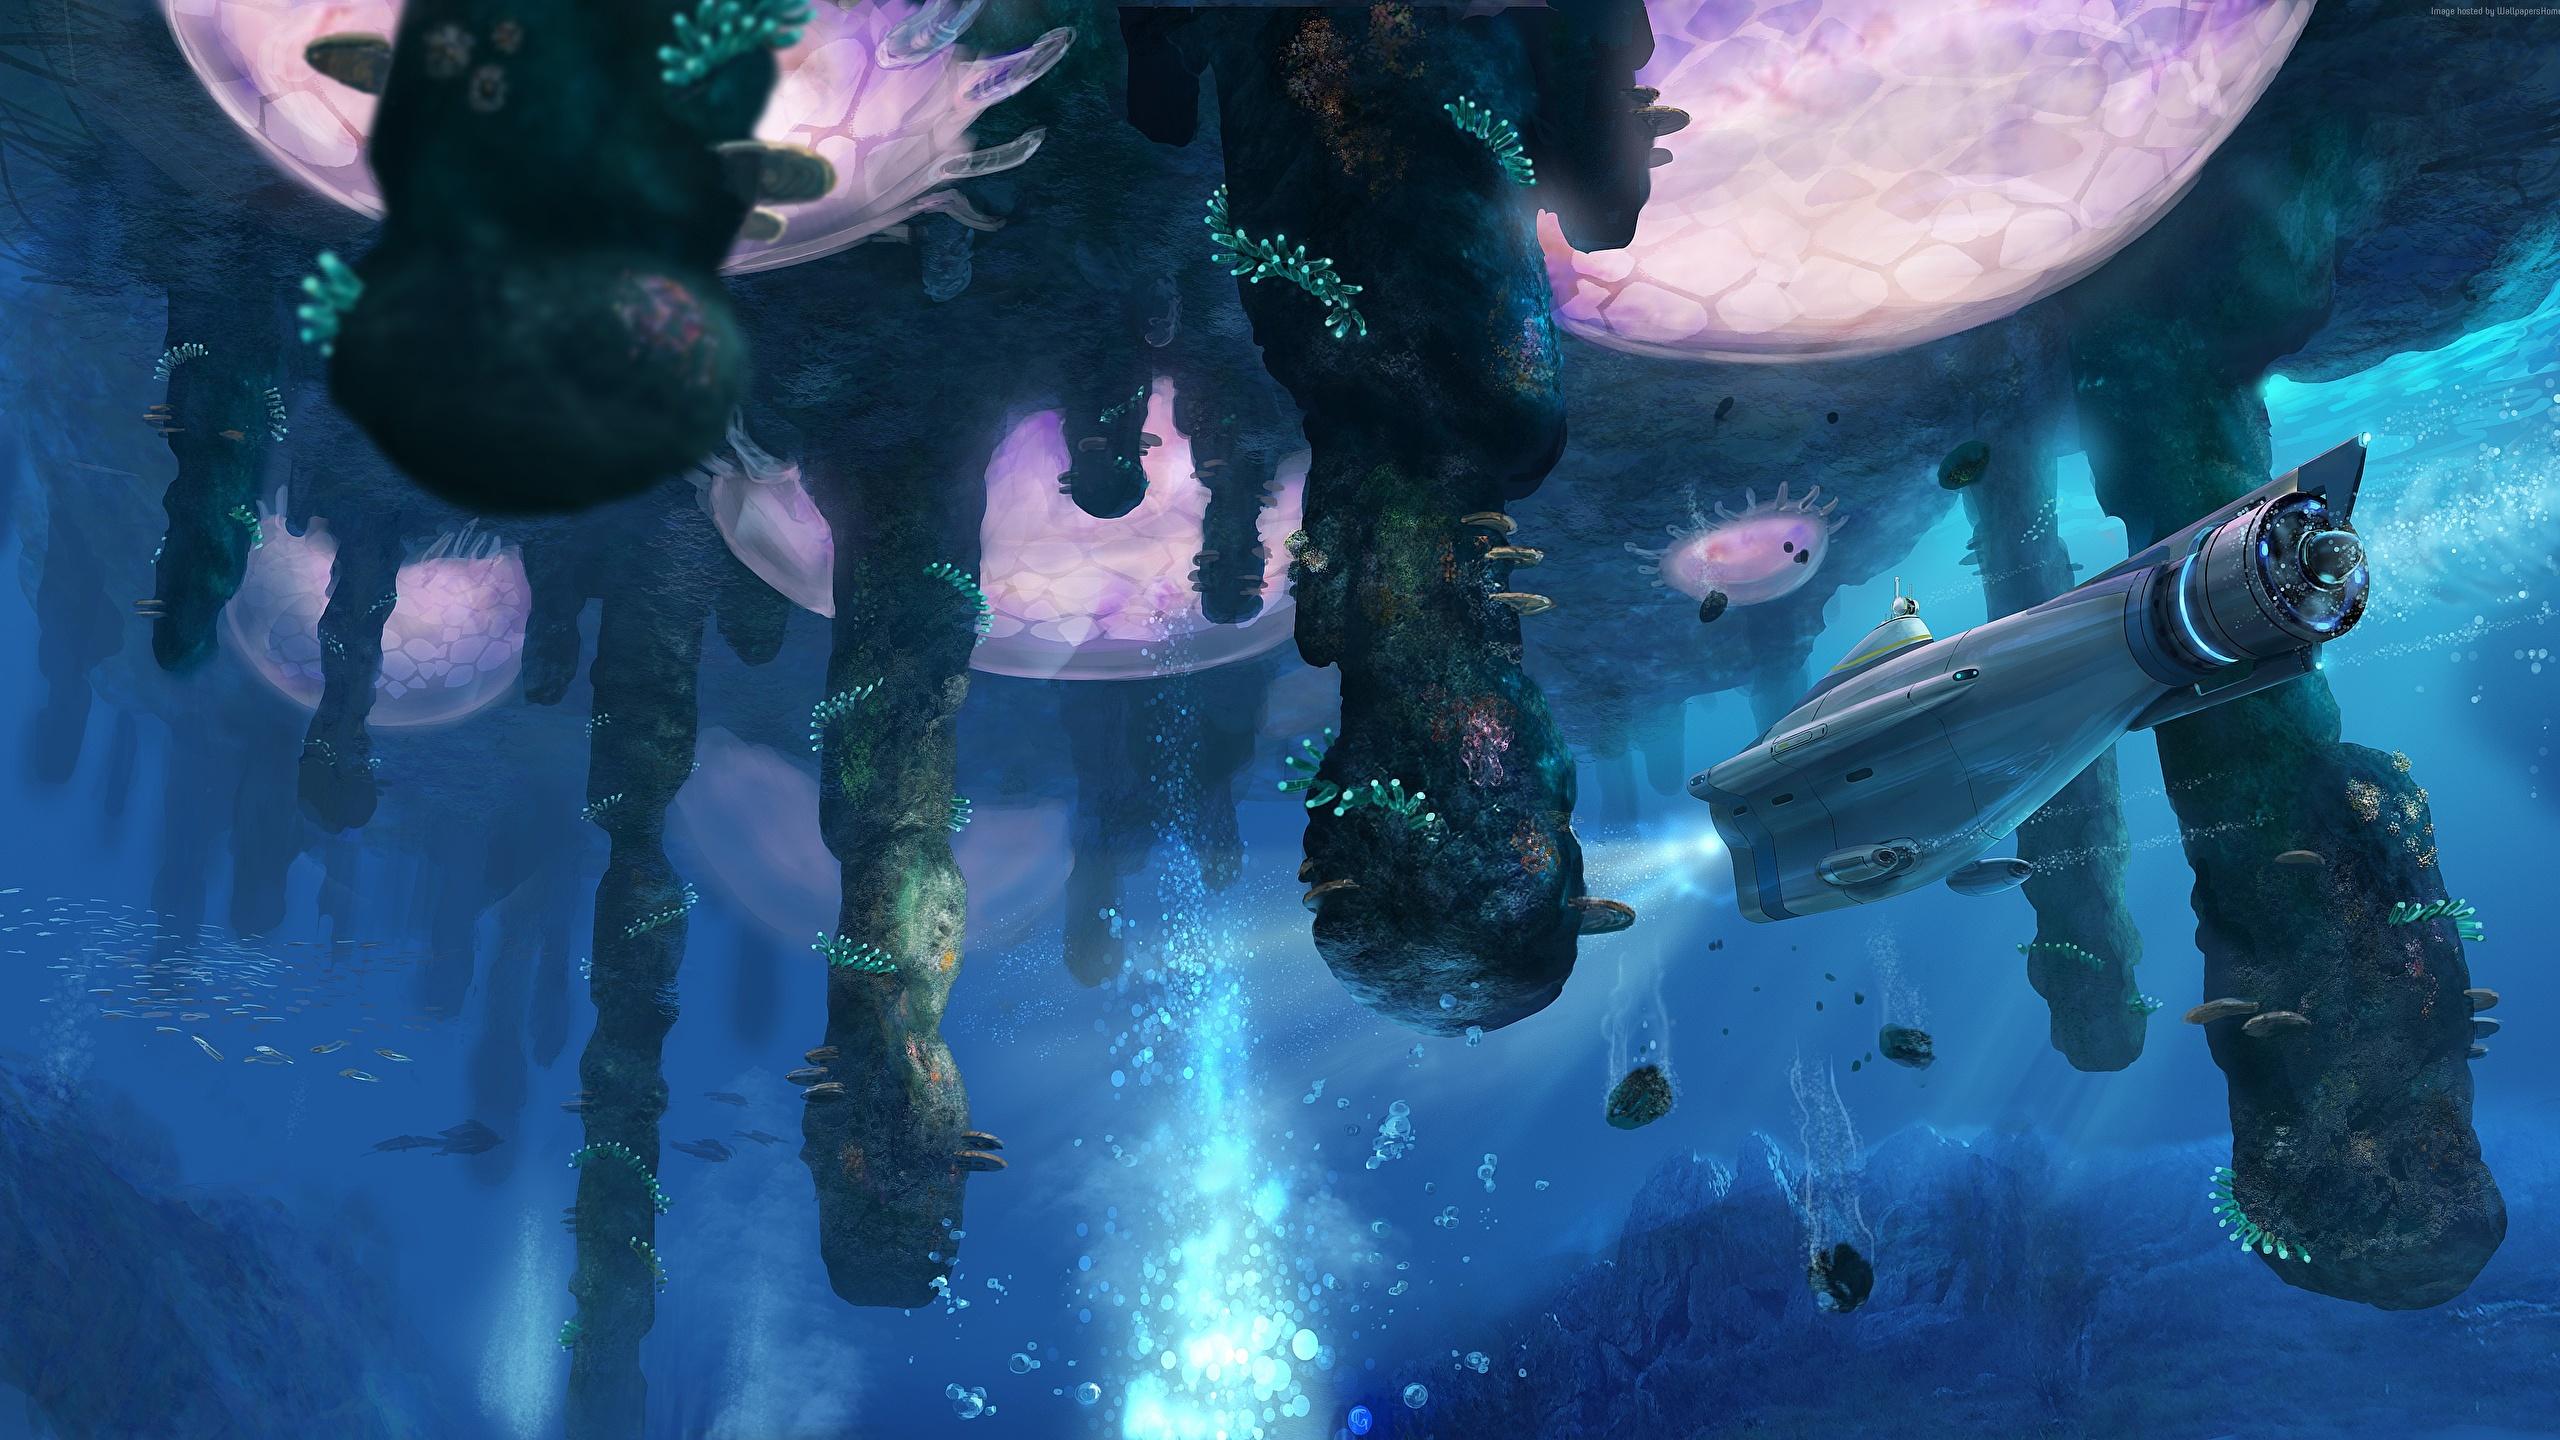 Картинки Подводный мир Подводные лодки Subnautica Фантастика Игры фантастическая техника 2560x1440 Фэнтези компьютерная игра Техника Фэнтези